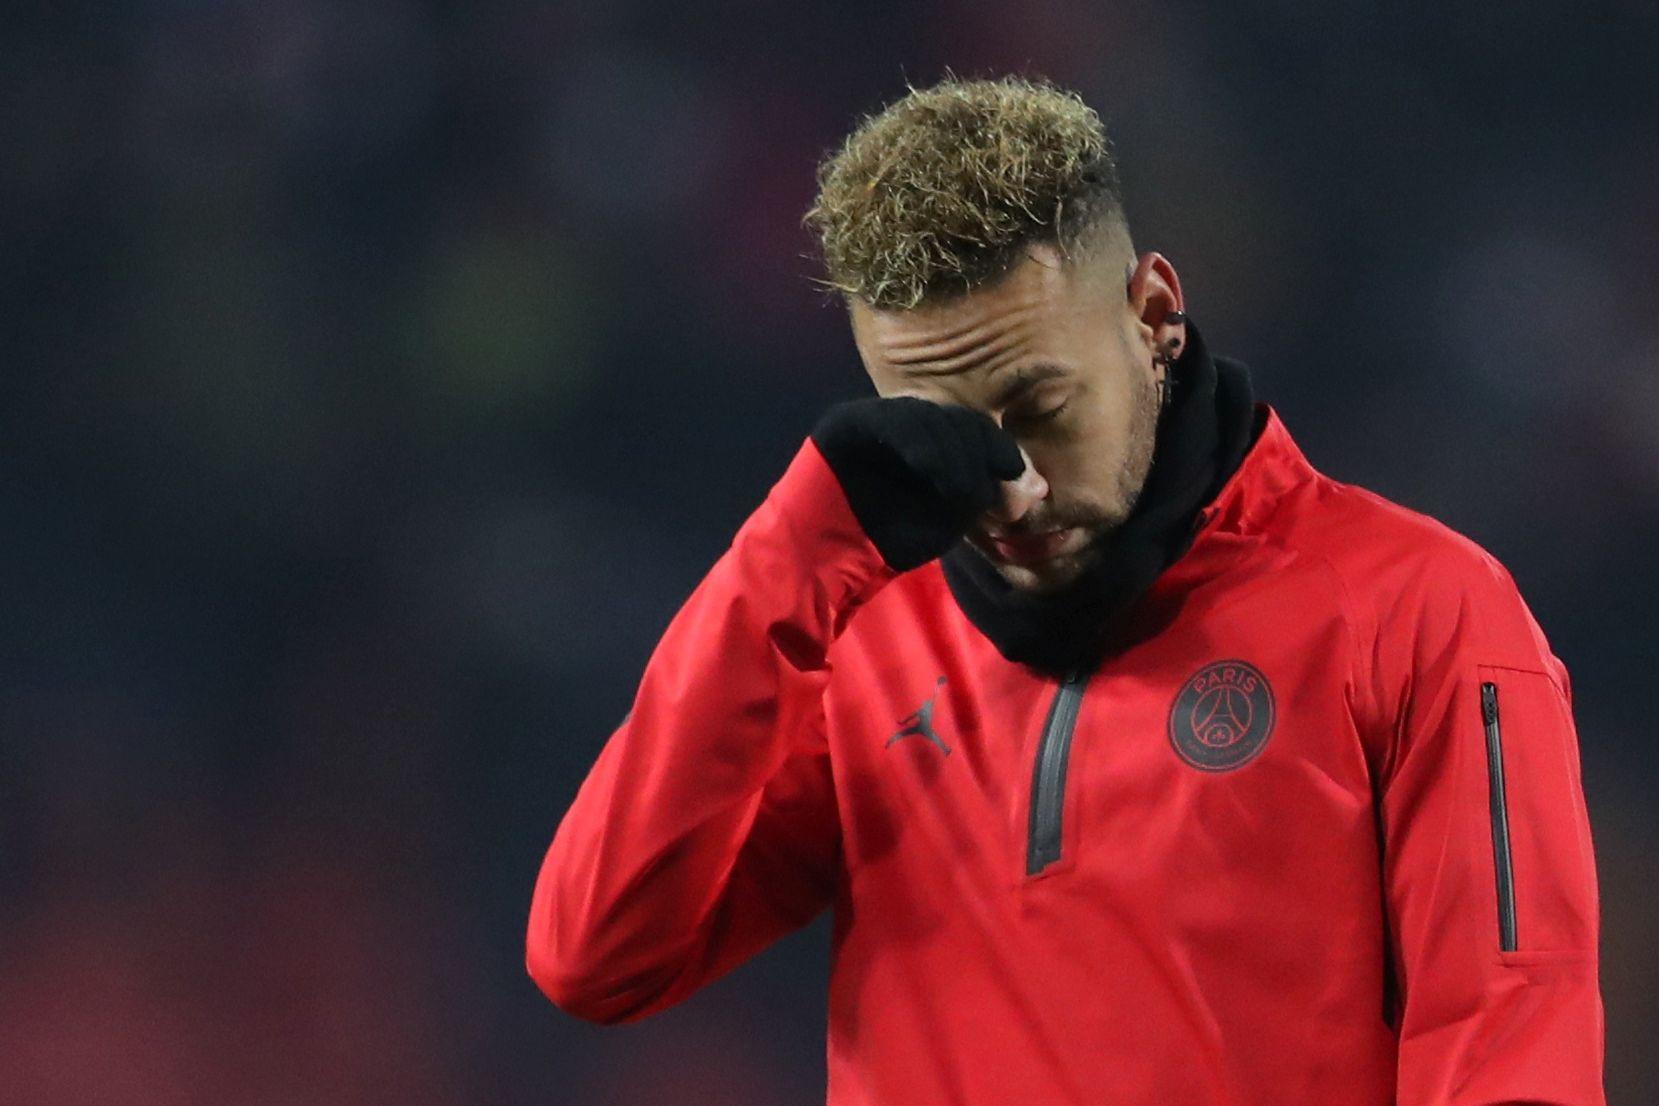 Neymar vai ser julgado em Espanha por fraude e corrupção